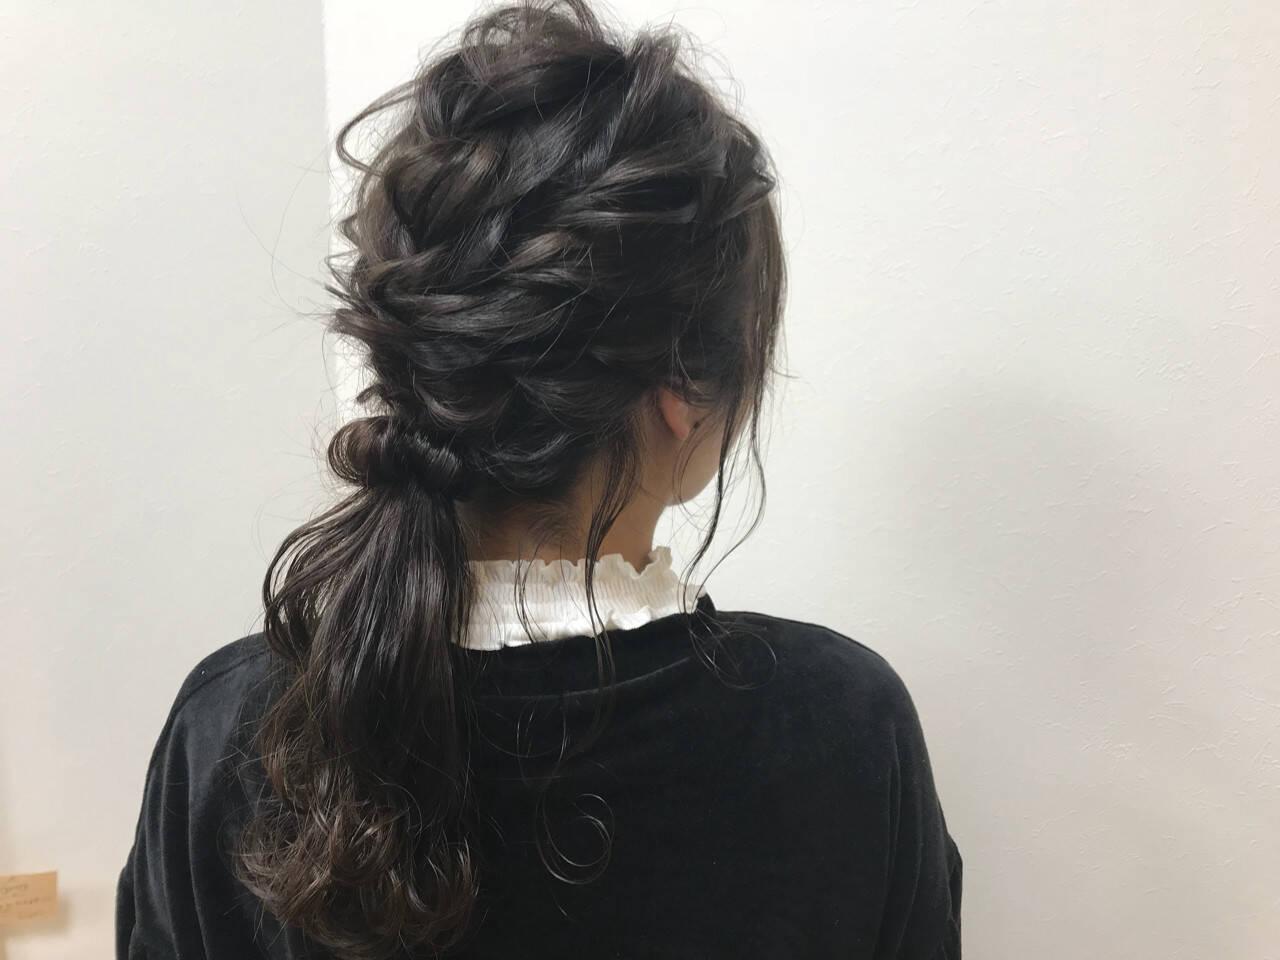 セミロング 冬 結婚式 ヘアアレンジヘアスタイルや髪型の写真・画像